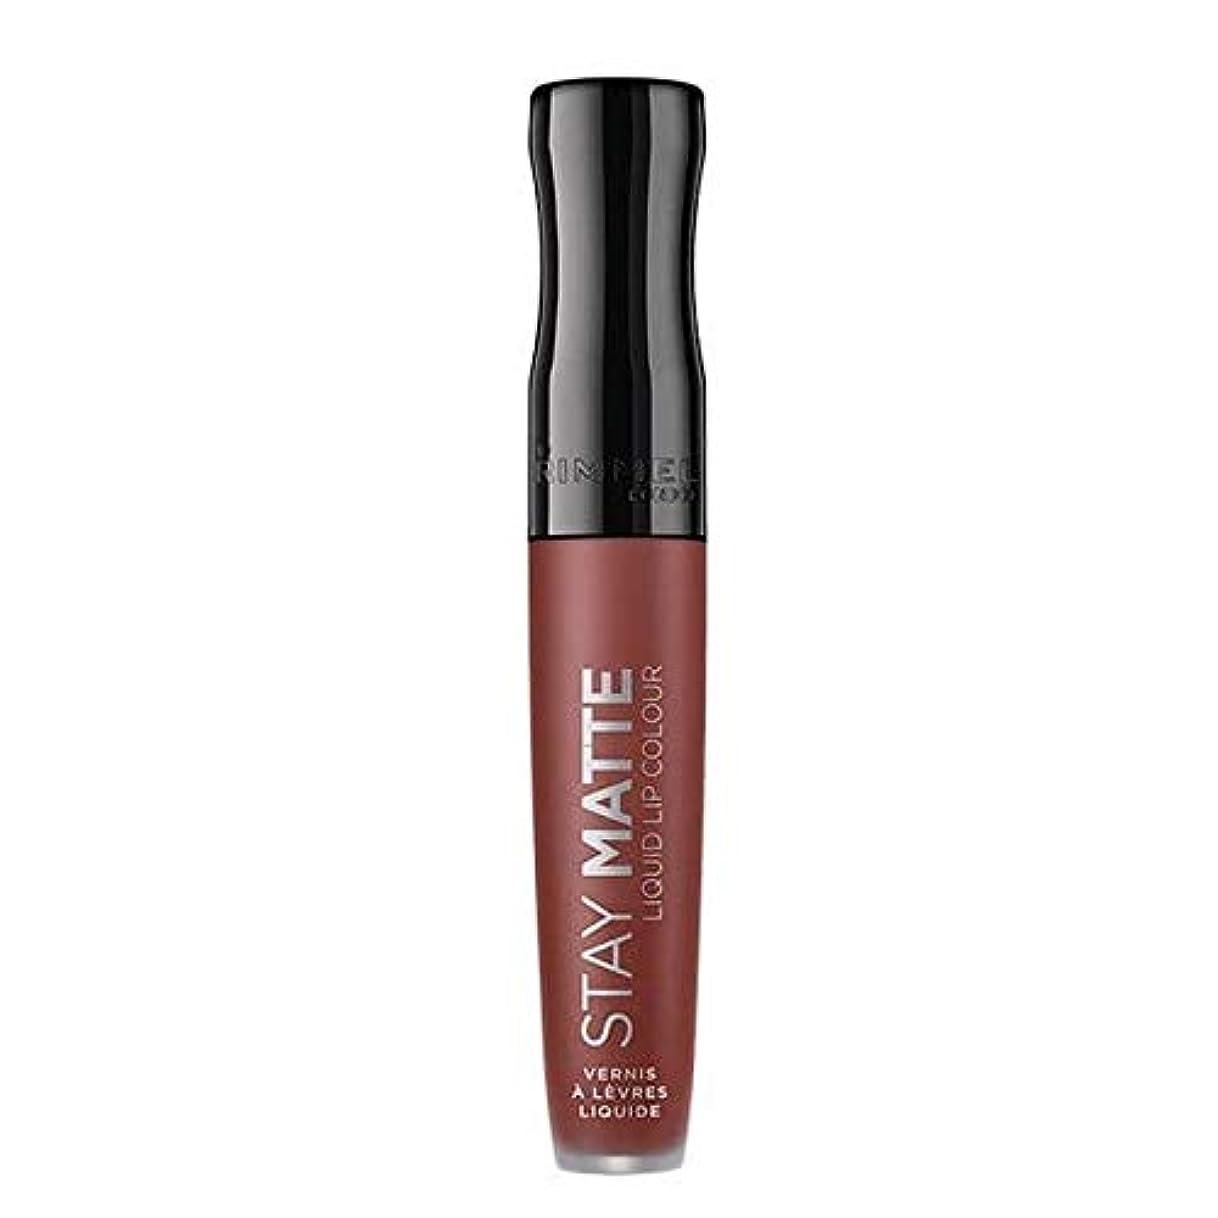 ソブリケット執着アプライアンス[Rimmel ] リンメルステイマット液体リップ口紅のトラブル - Rimmel Stay Matte Liquid Lip Lipstick Troublemaker [並行輸入品]